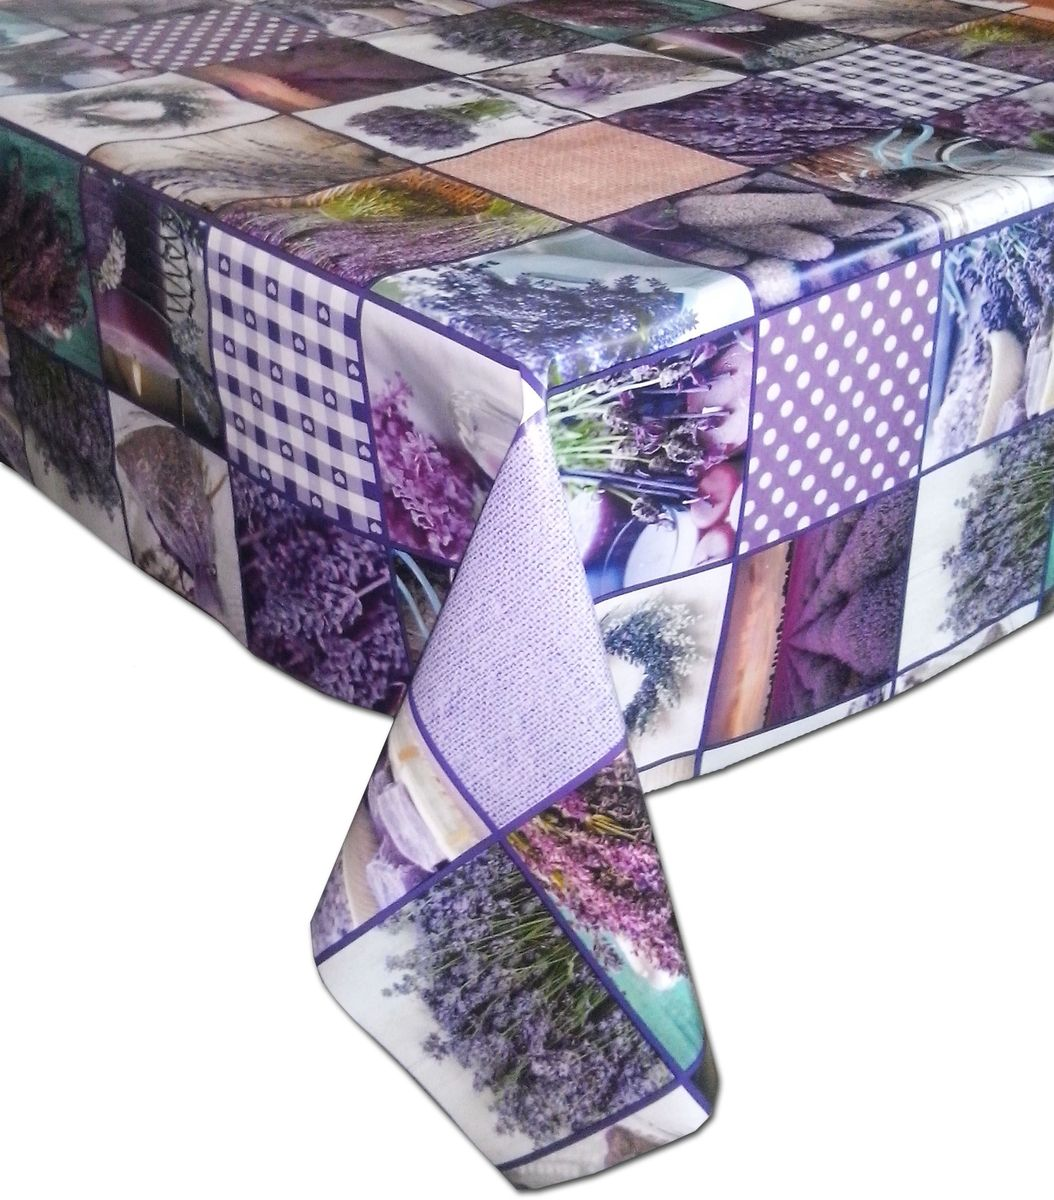 Столовая клеенка LCadesi Florista, прямоугольная, 130 х 165 см. FL130165-309-00SVC-300Столовая клеенка Florista с ярким дизайном украсит ваш стол и защитит его от царапин и пятен. Благодаря основе из нетканого материала не скользит по столу. Клеенка не имеет запаха и совершенно безопасна для человека.